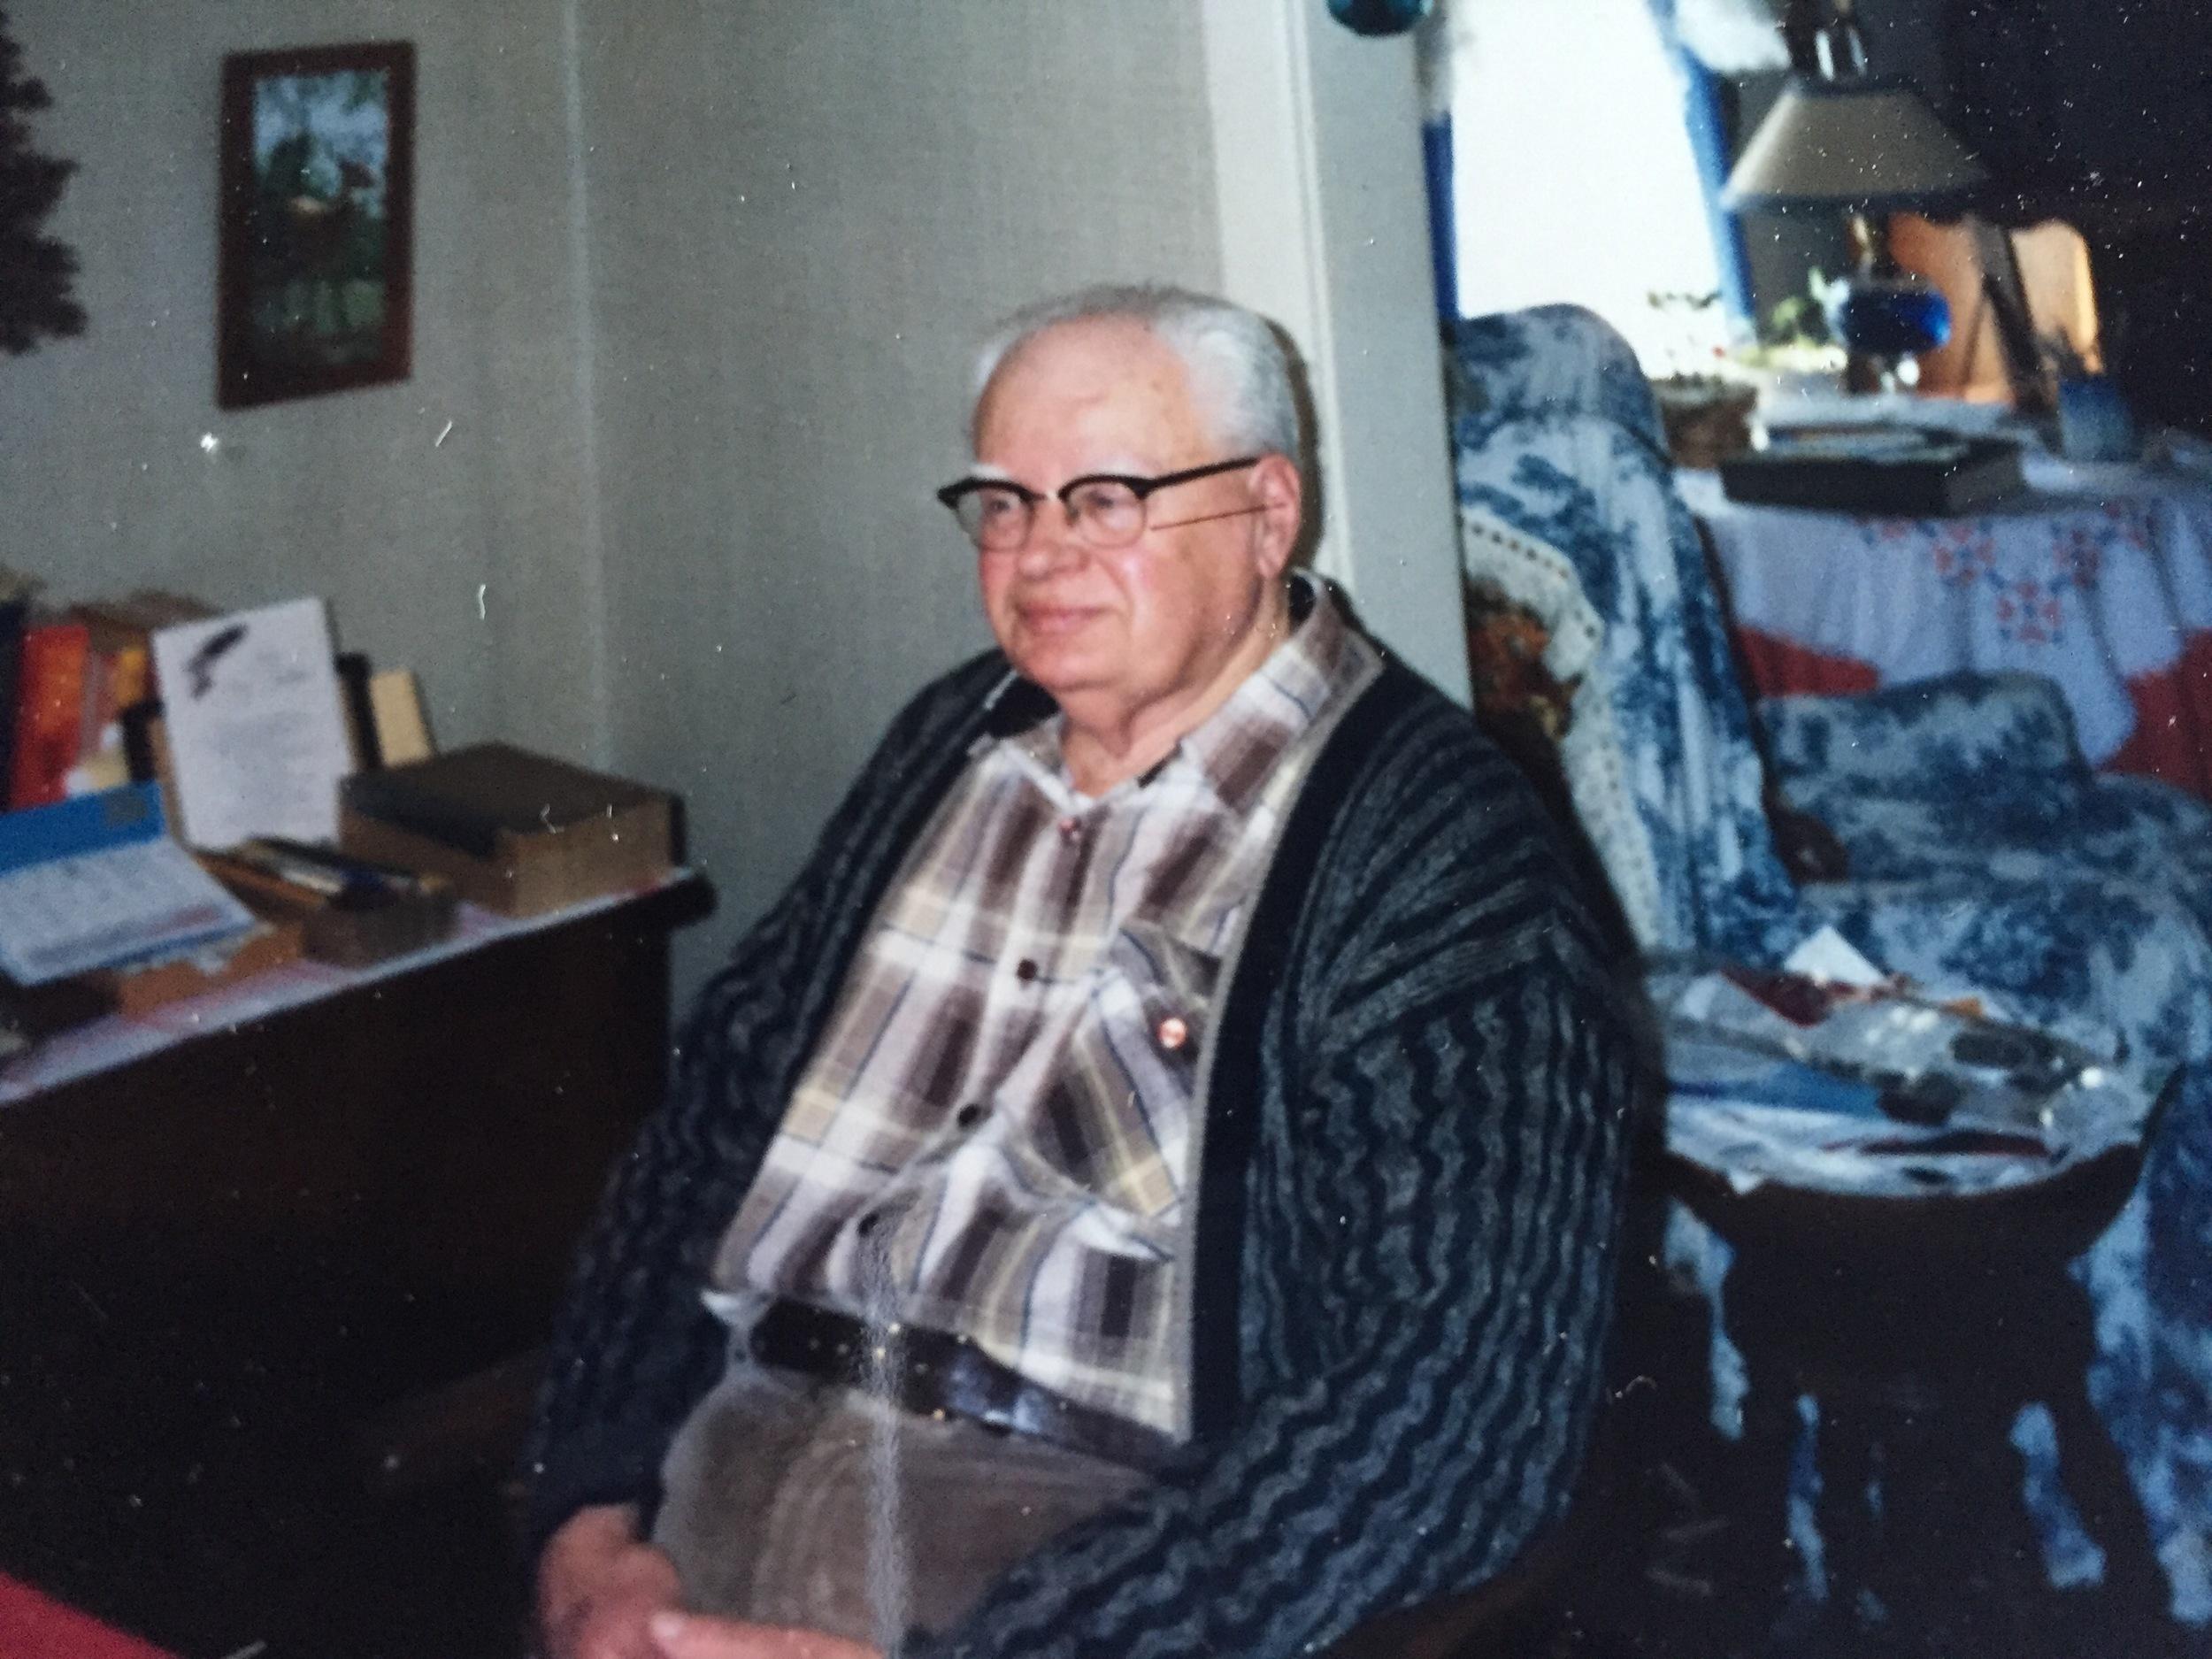 My Grandpa Joe